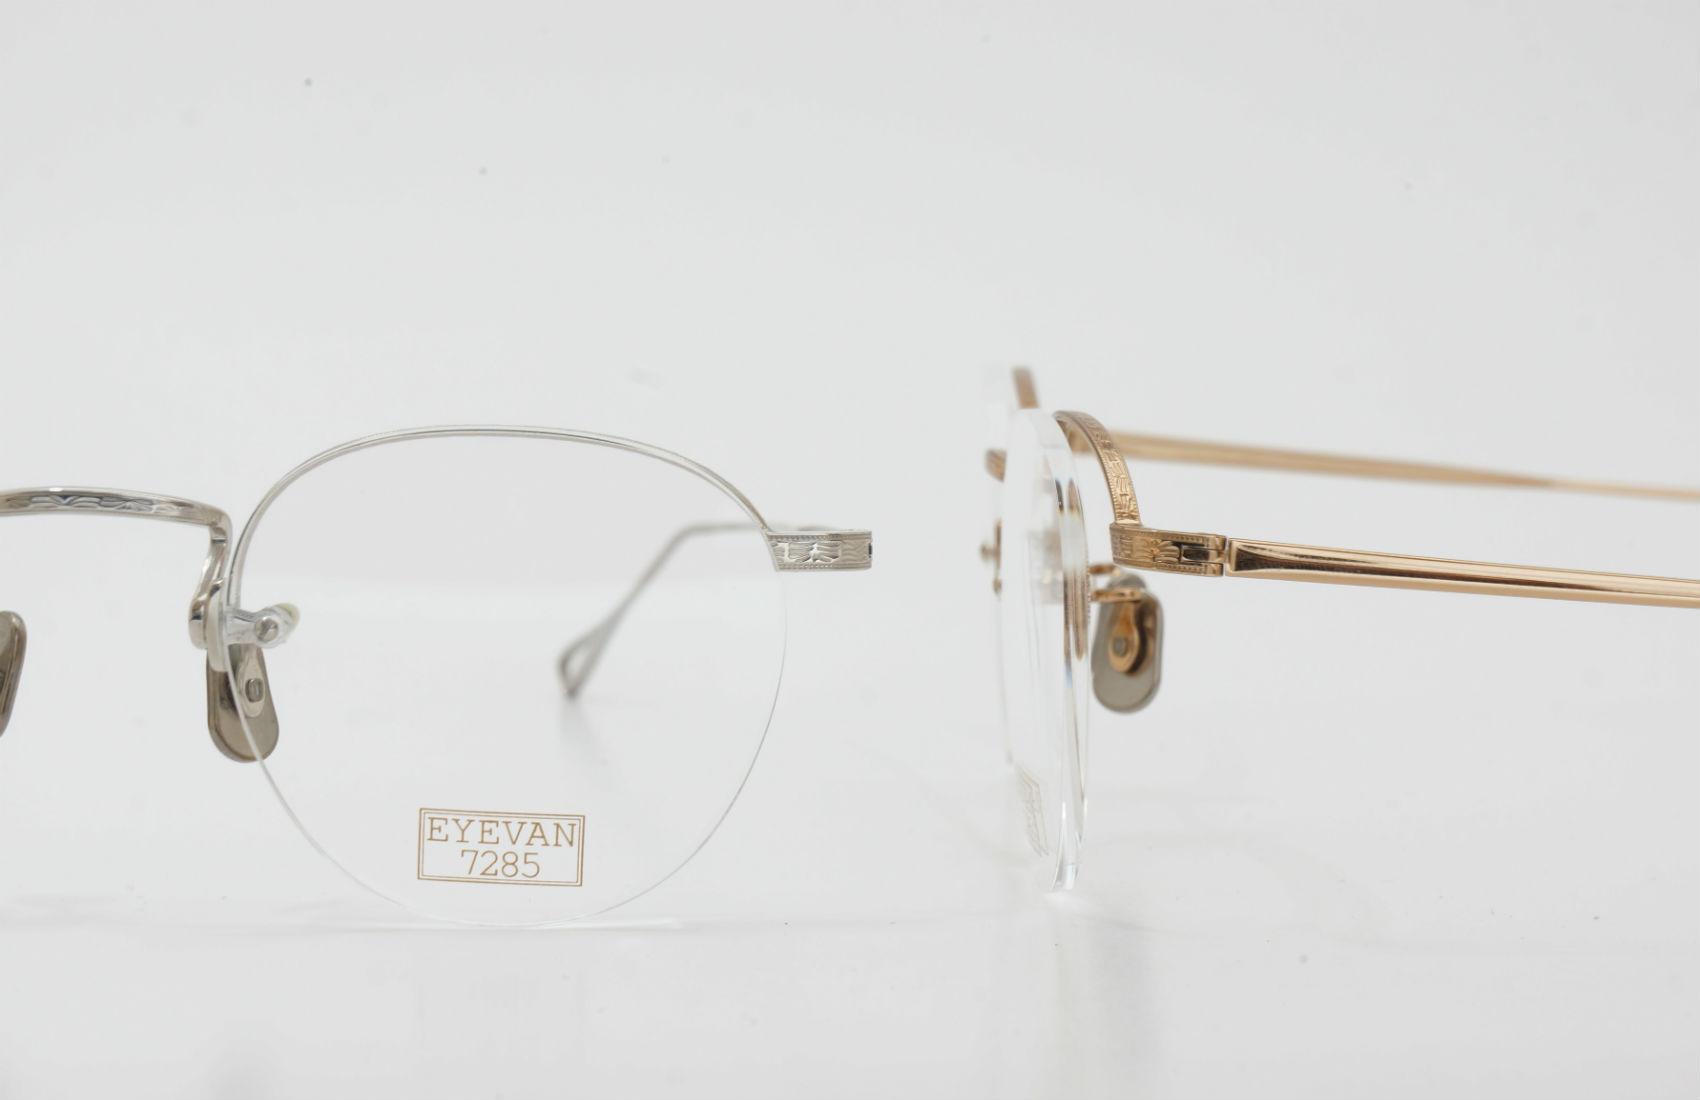 EYEVAN-7285-143